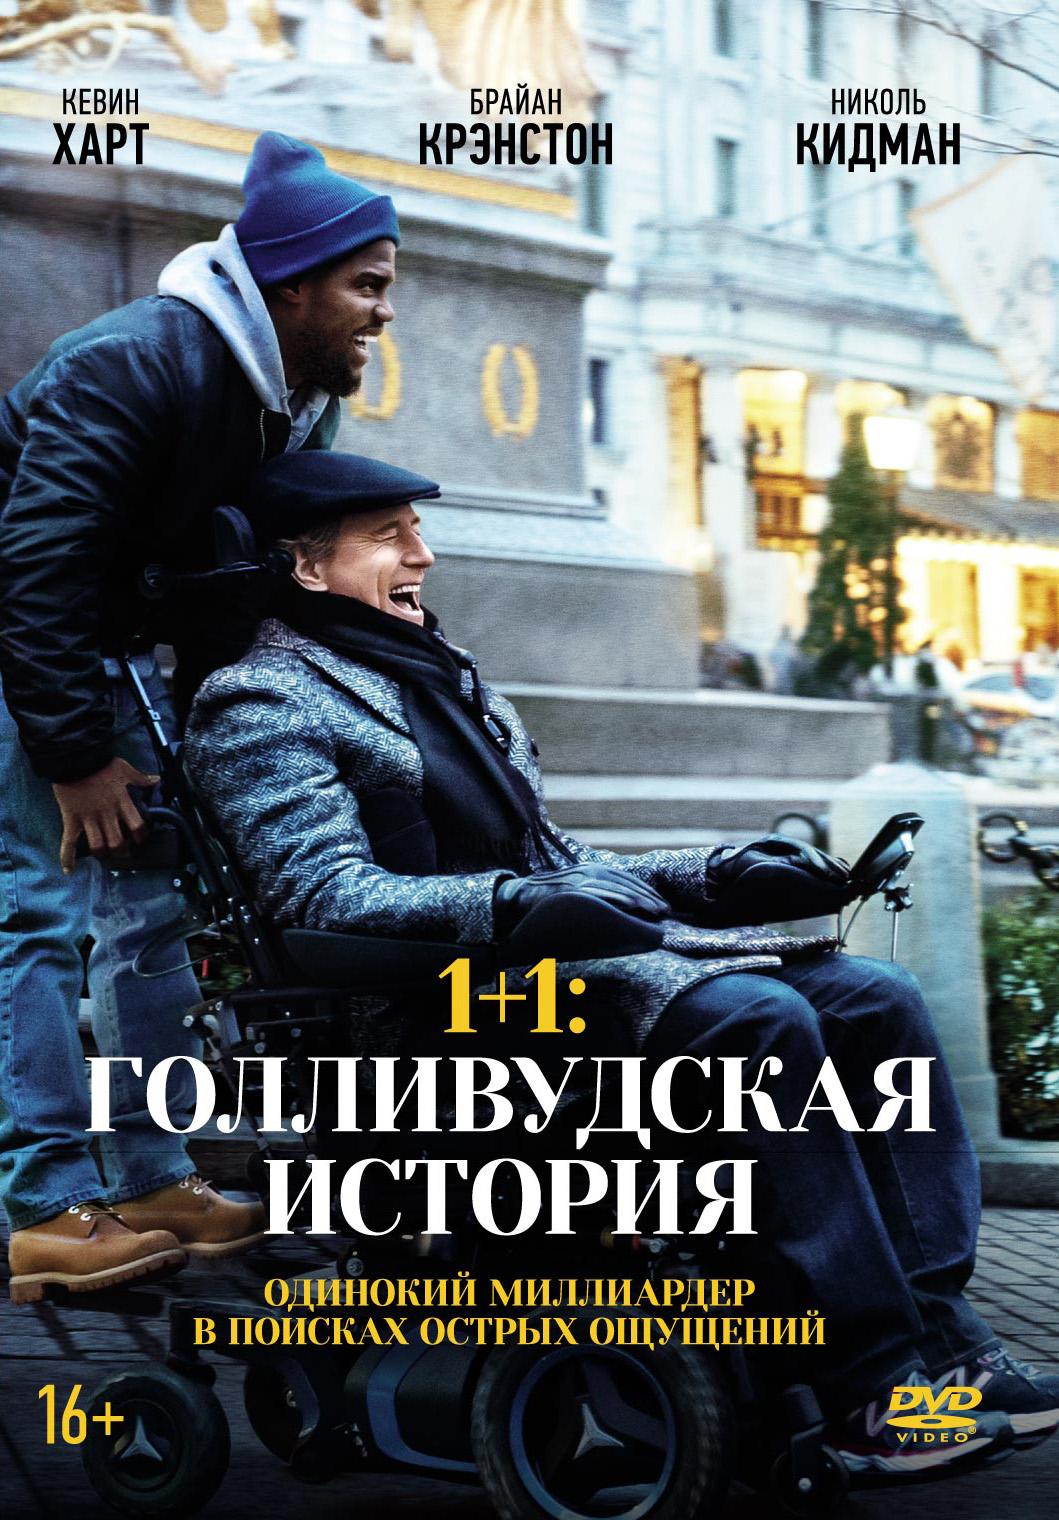 1+1: Голливудская история (DVD + артбук) фото